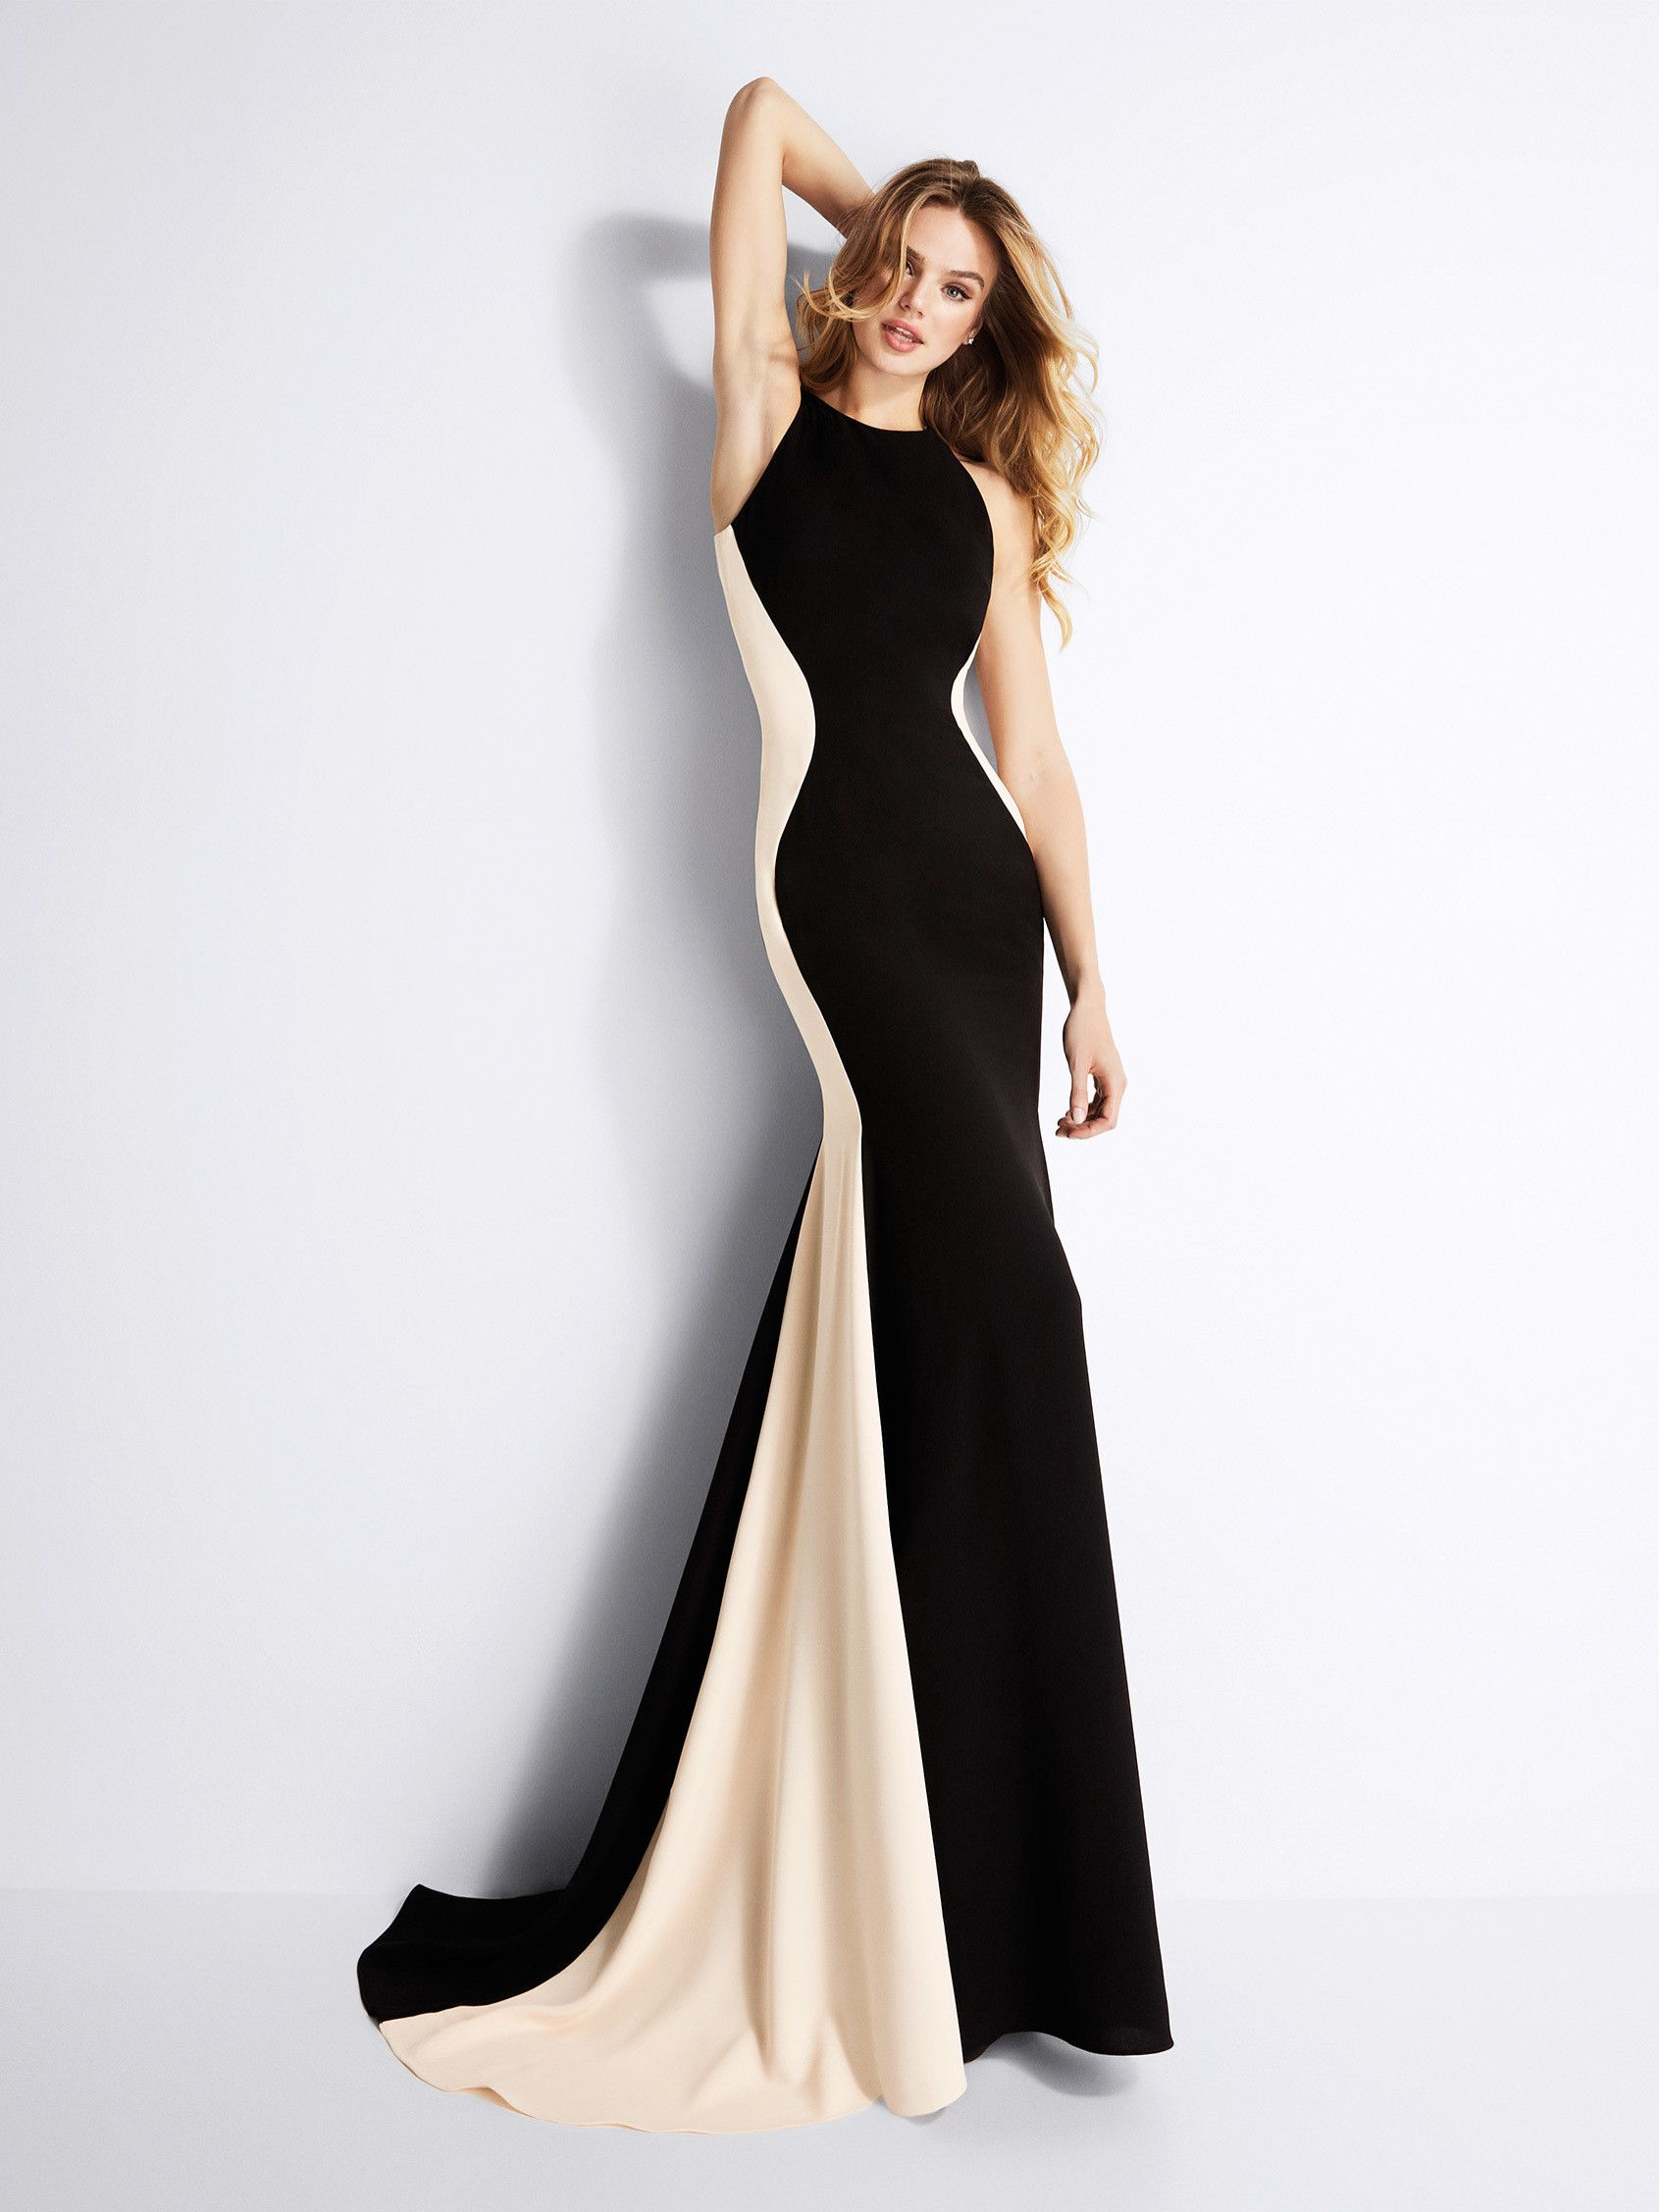 19e7d795bc1 Gerlinde  Vestido de fiesta sirena con un diseño que estiliza la silueta a  través del contraste de sus colores. Sensual y femenino.